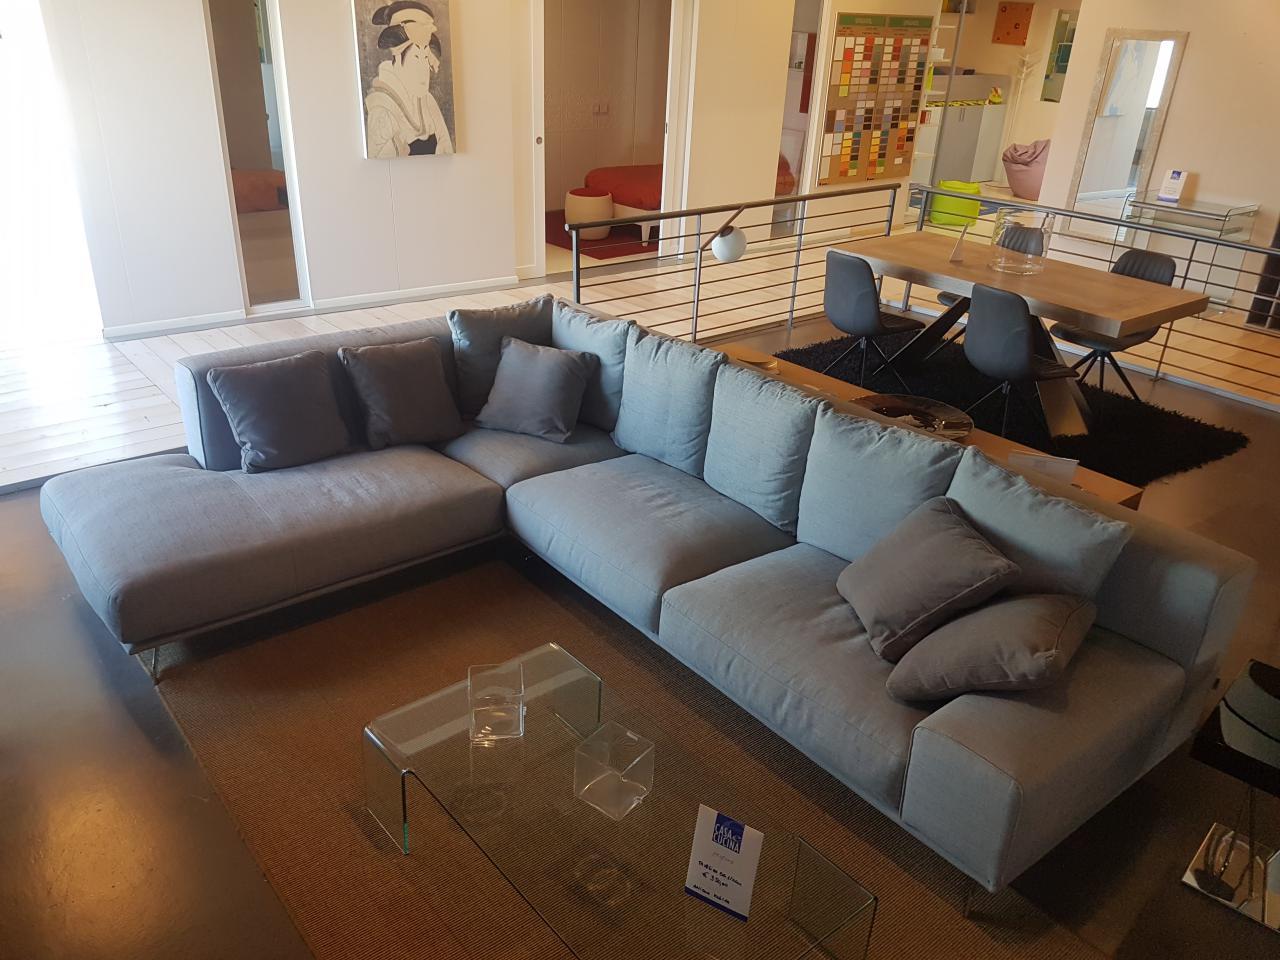 divano-ditre-italia-modello-dalton-1 | Arredamento Casa e ...